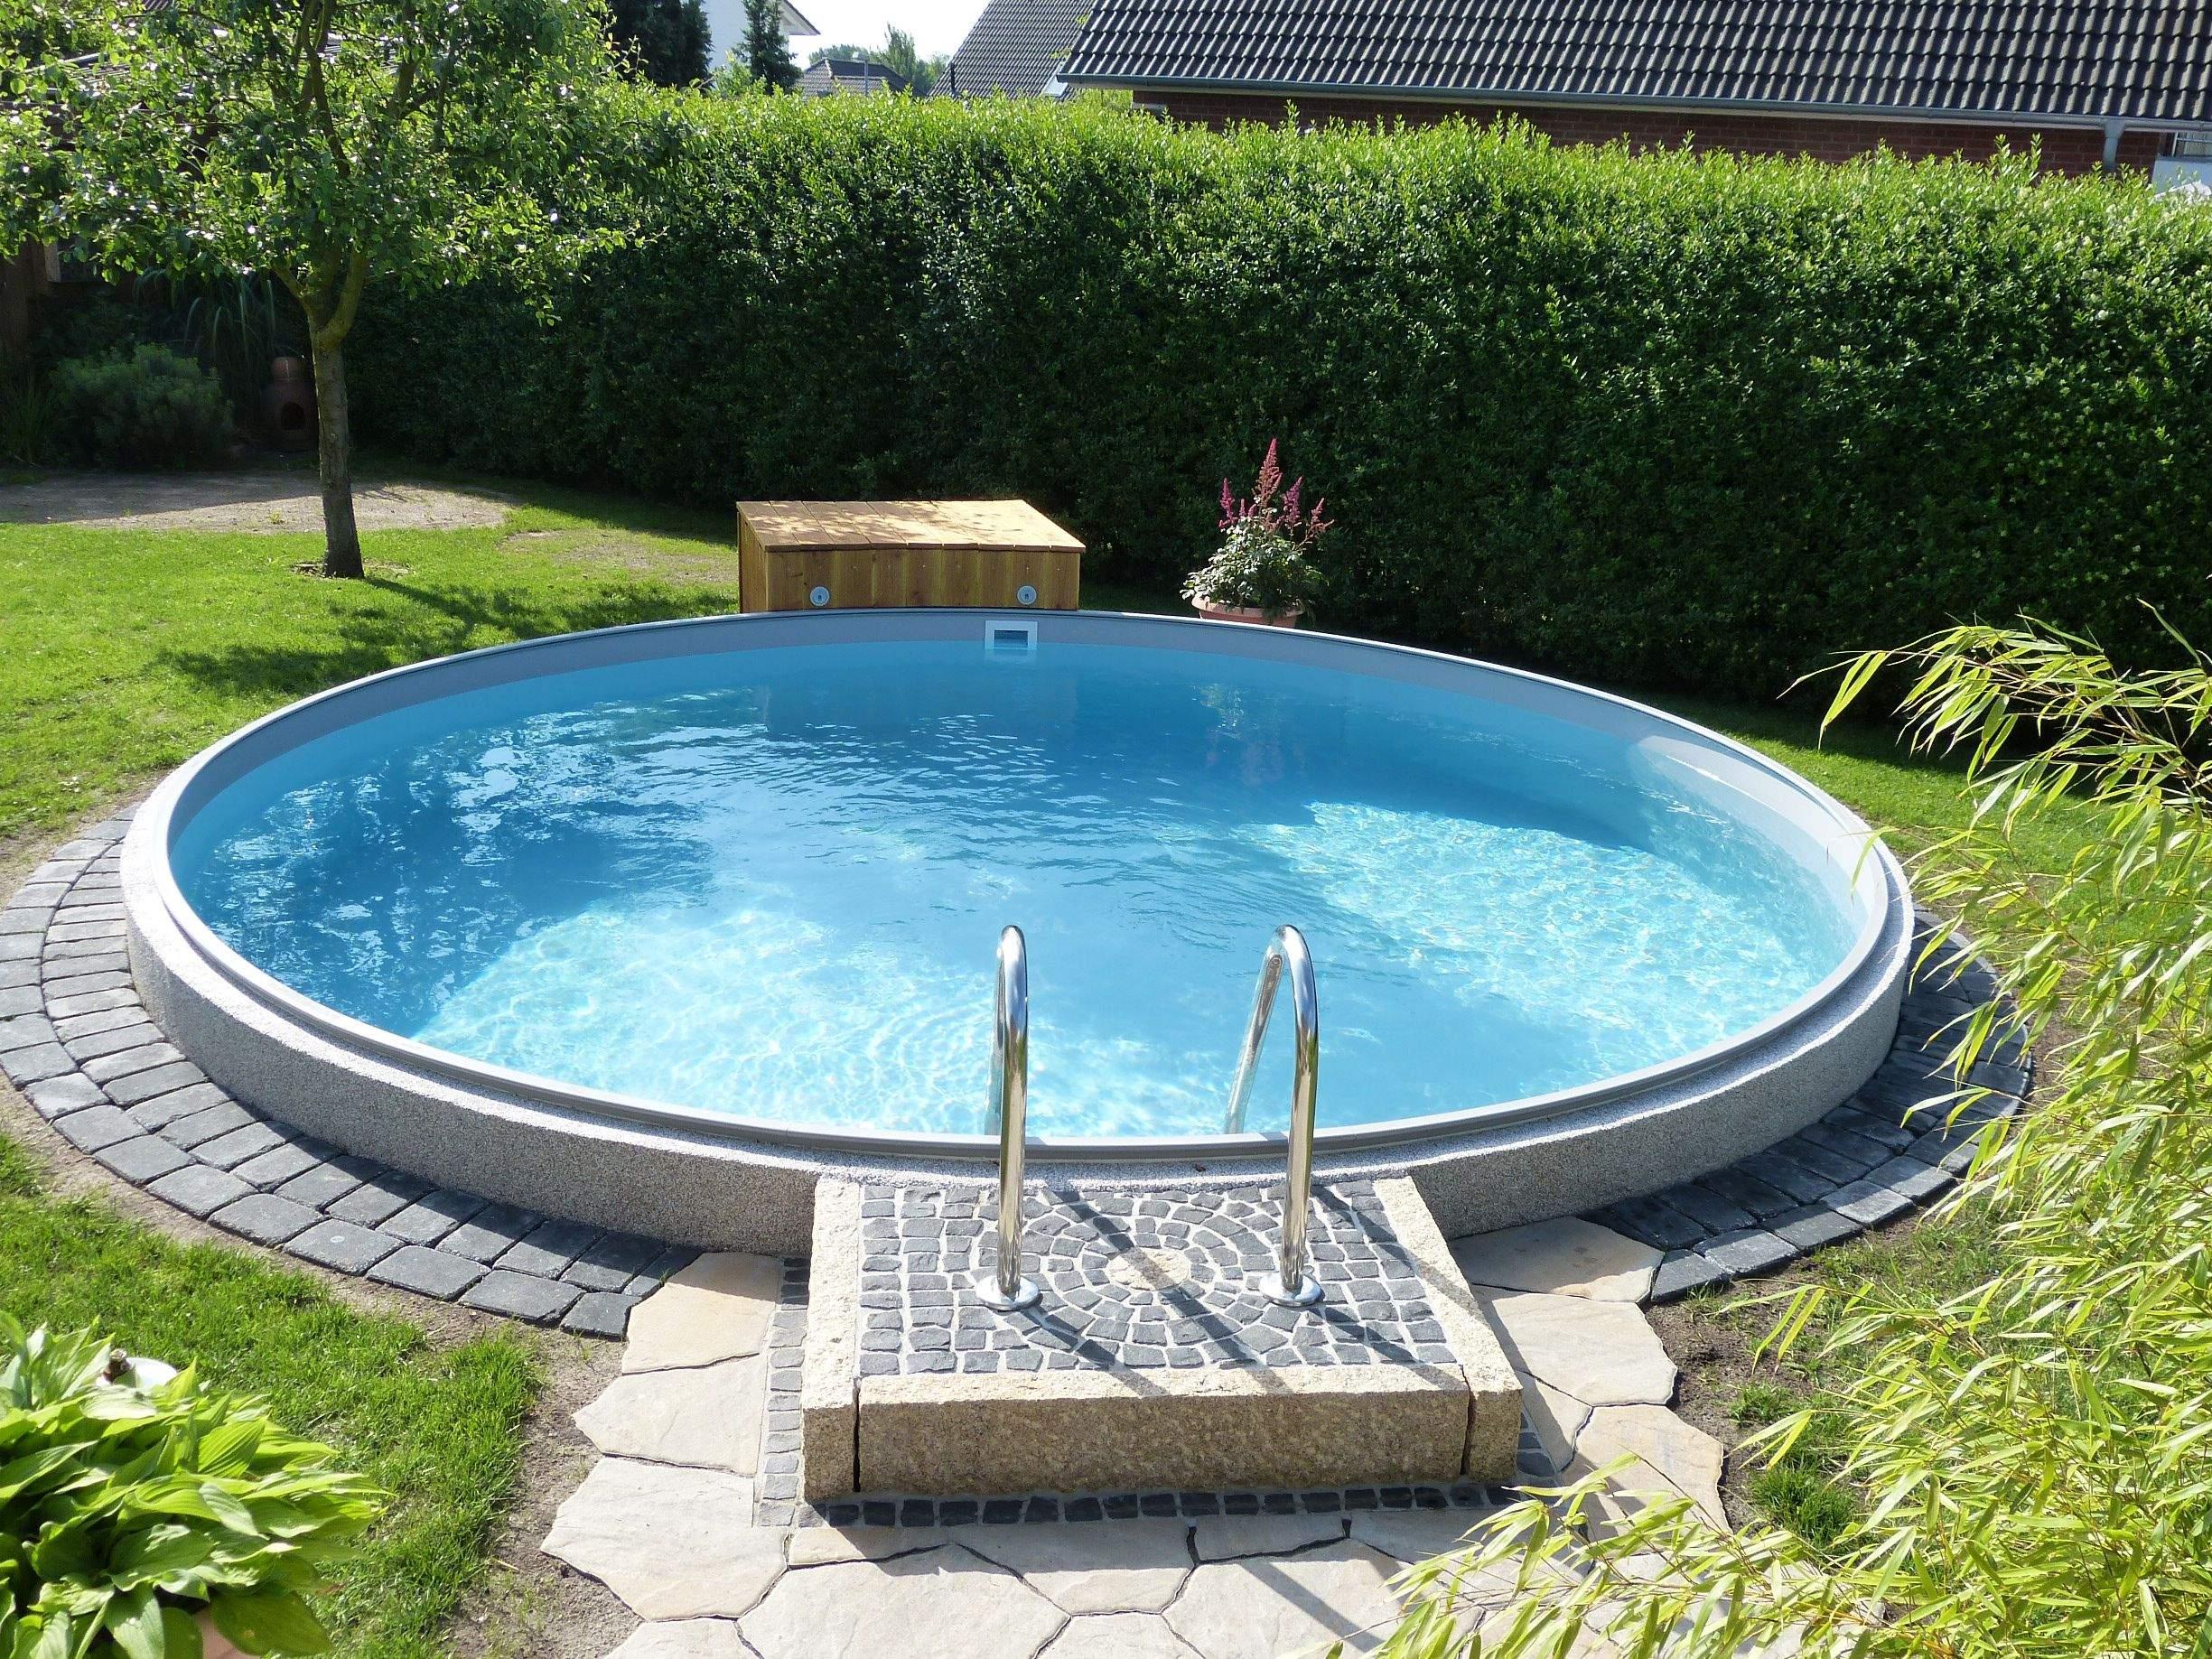 Pool Im Garten Bauen Das Beste Von Poolakademie Bauen Sie Ihren Pool Selbst Wir Helfen